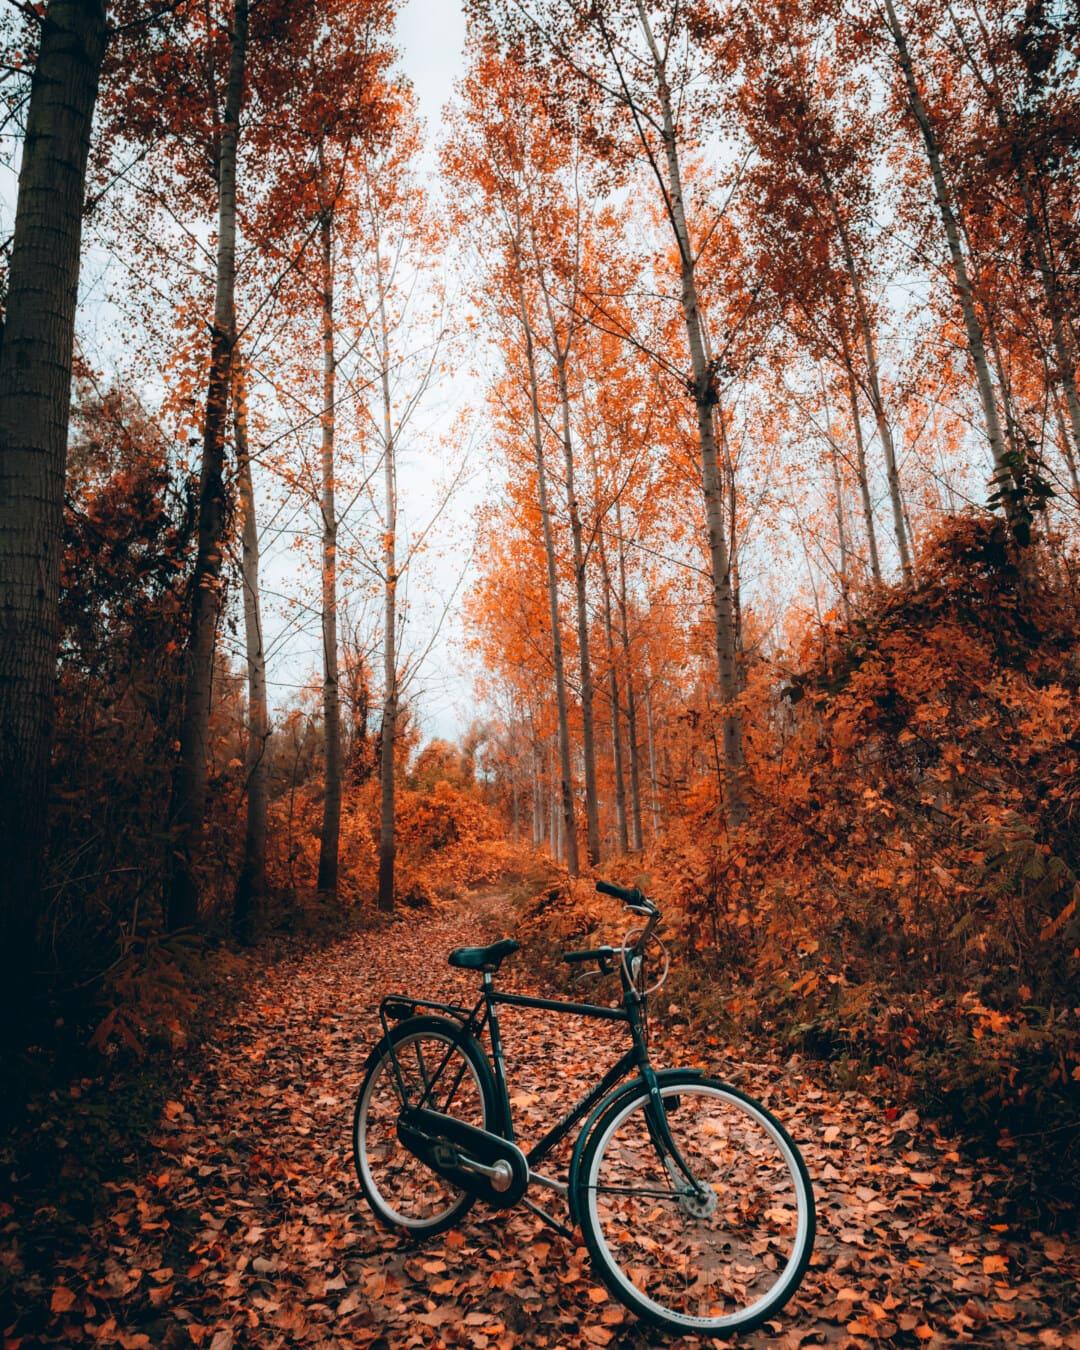 δέντρα, μονοπάτι του δάσους, Φθινόπωρο σεζόν, δασικός δρόμος, Λεύκες, ποδήλατο, όχημα, ξύλο, δέντρο, τροχός